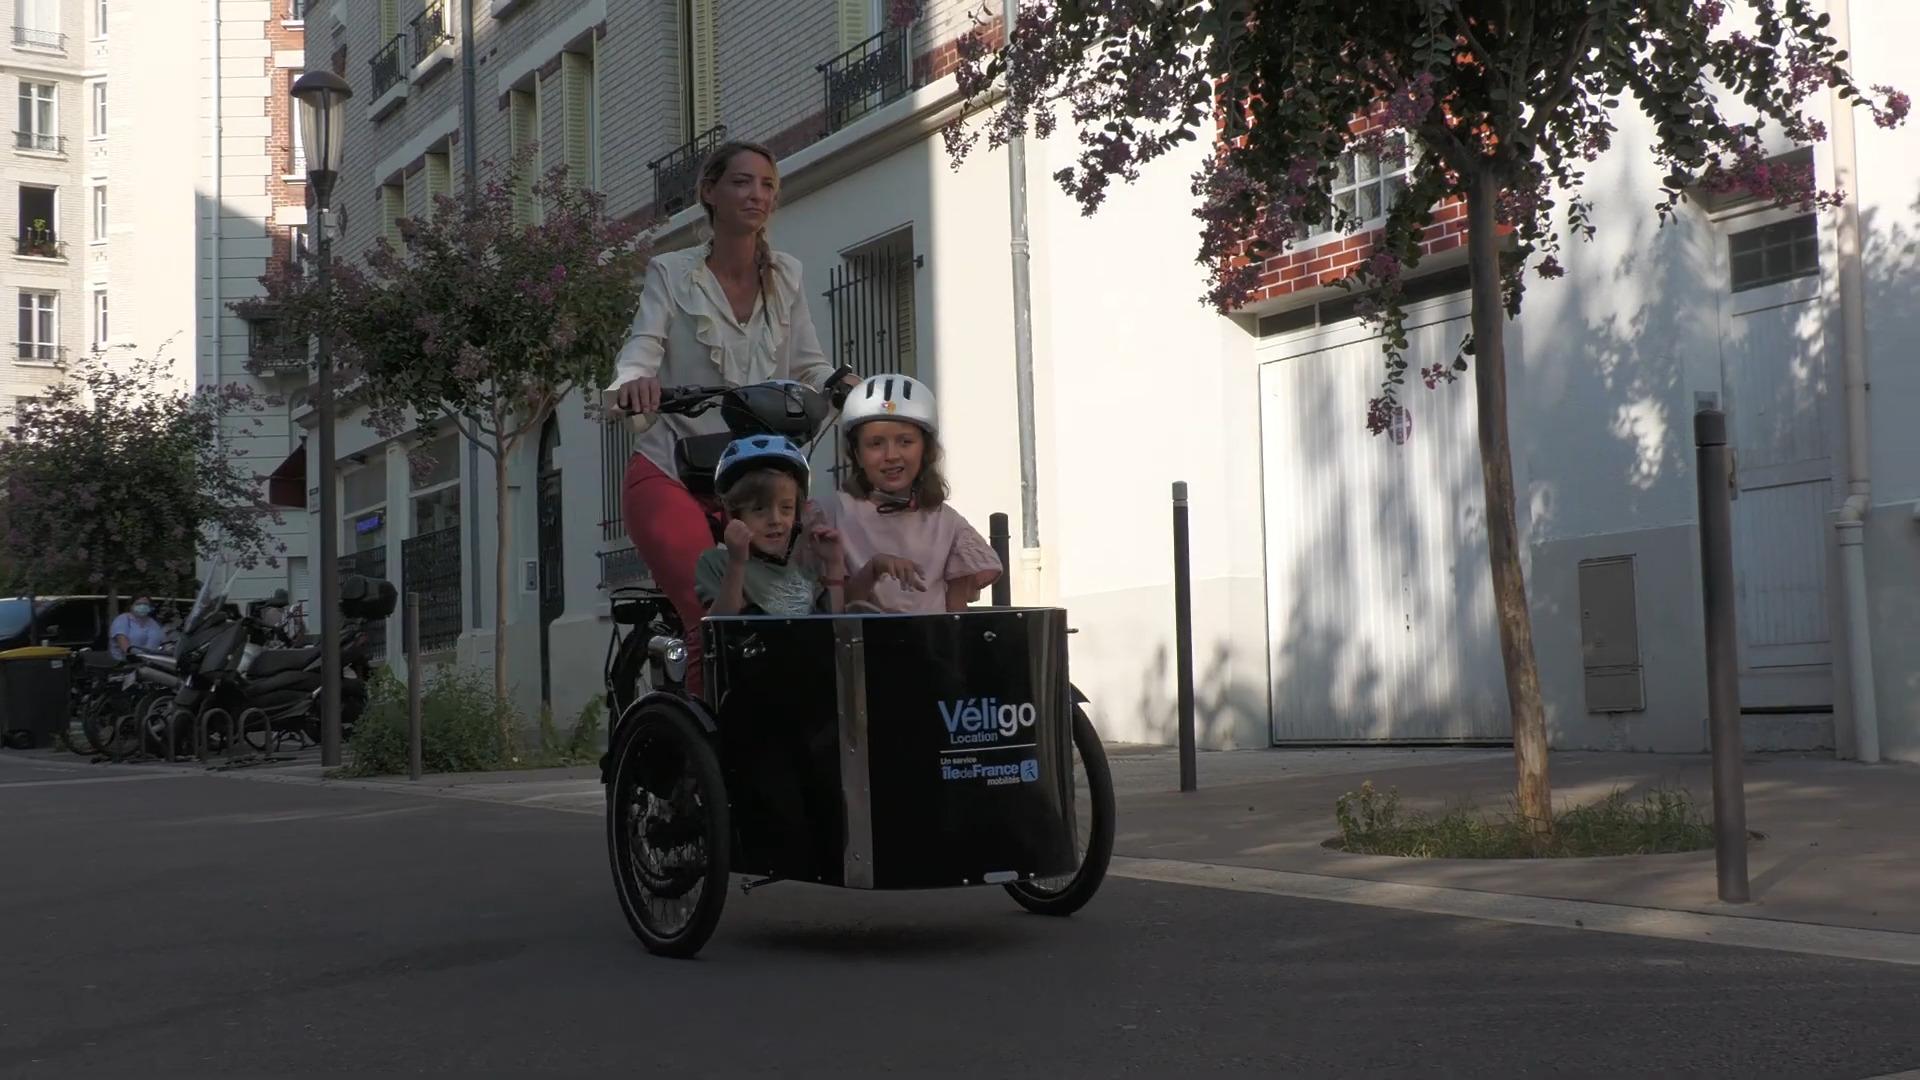 Triporteur, biporteur, rallongé: Véligo vise les familles avec ces 3 vélos électriques en location